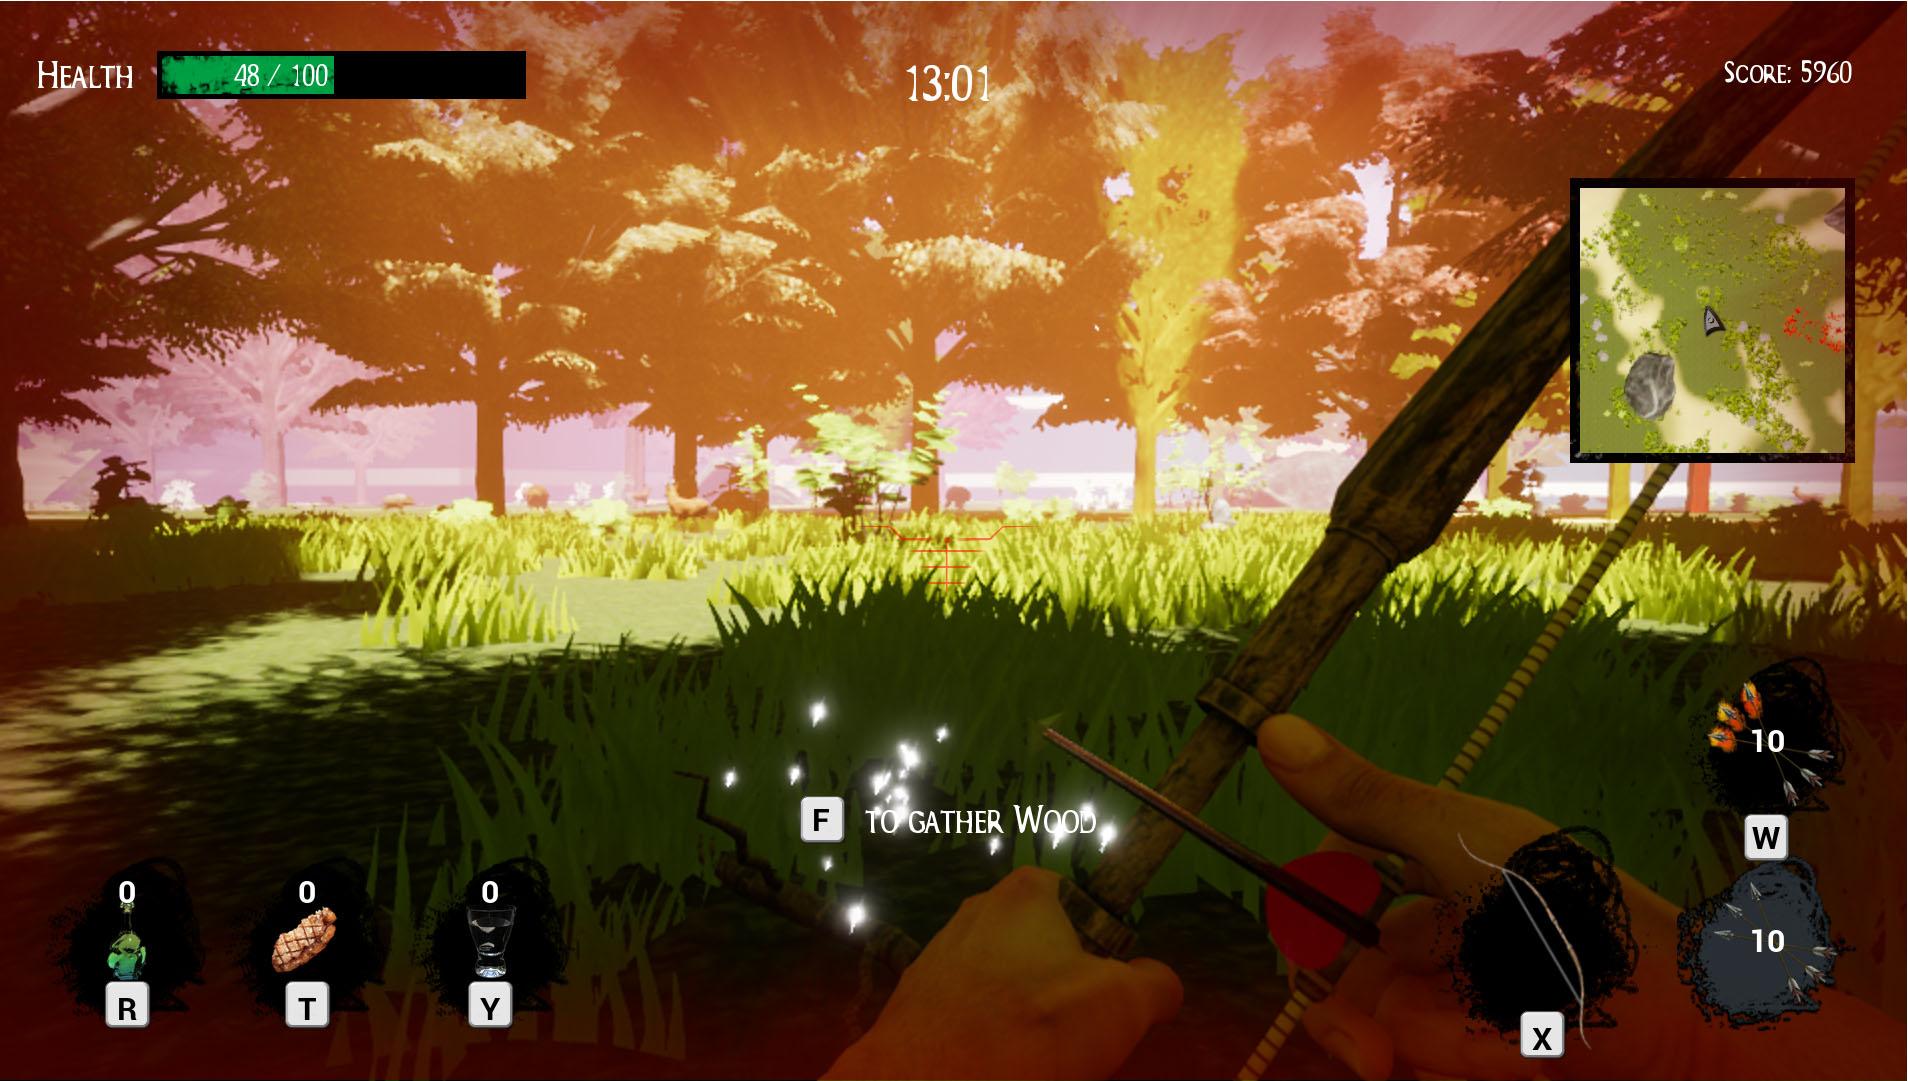 FoA-Screenshot1